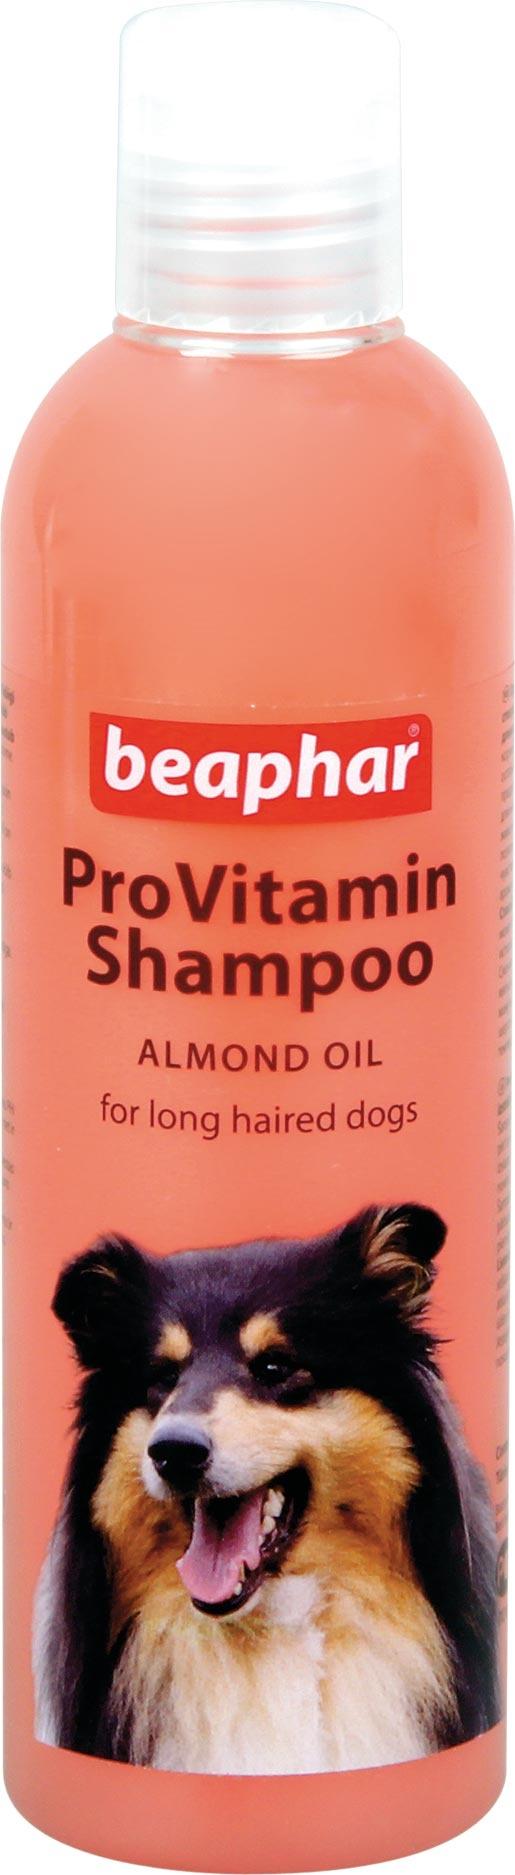 Beaphar šampón proti zacuchání 250ml